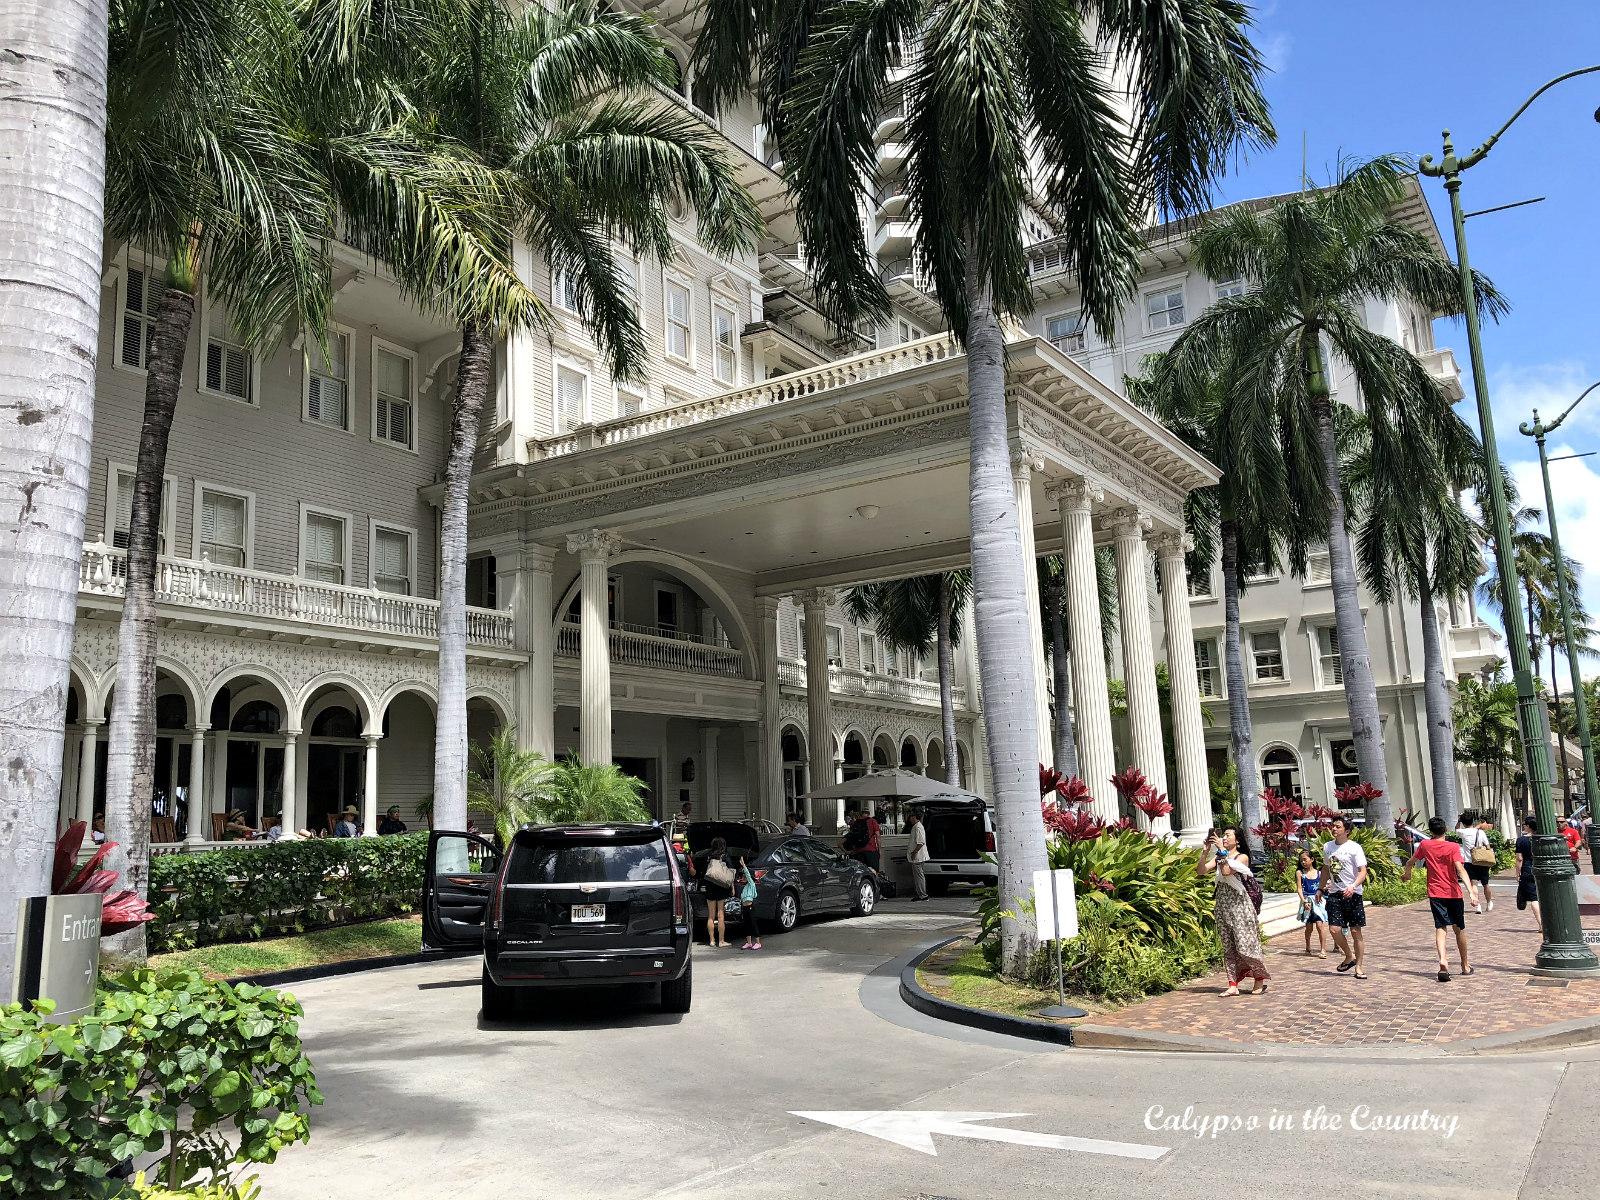 Moana Surfrider Westin Hotel in Waikiki